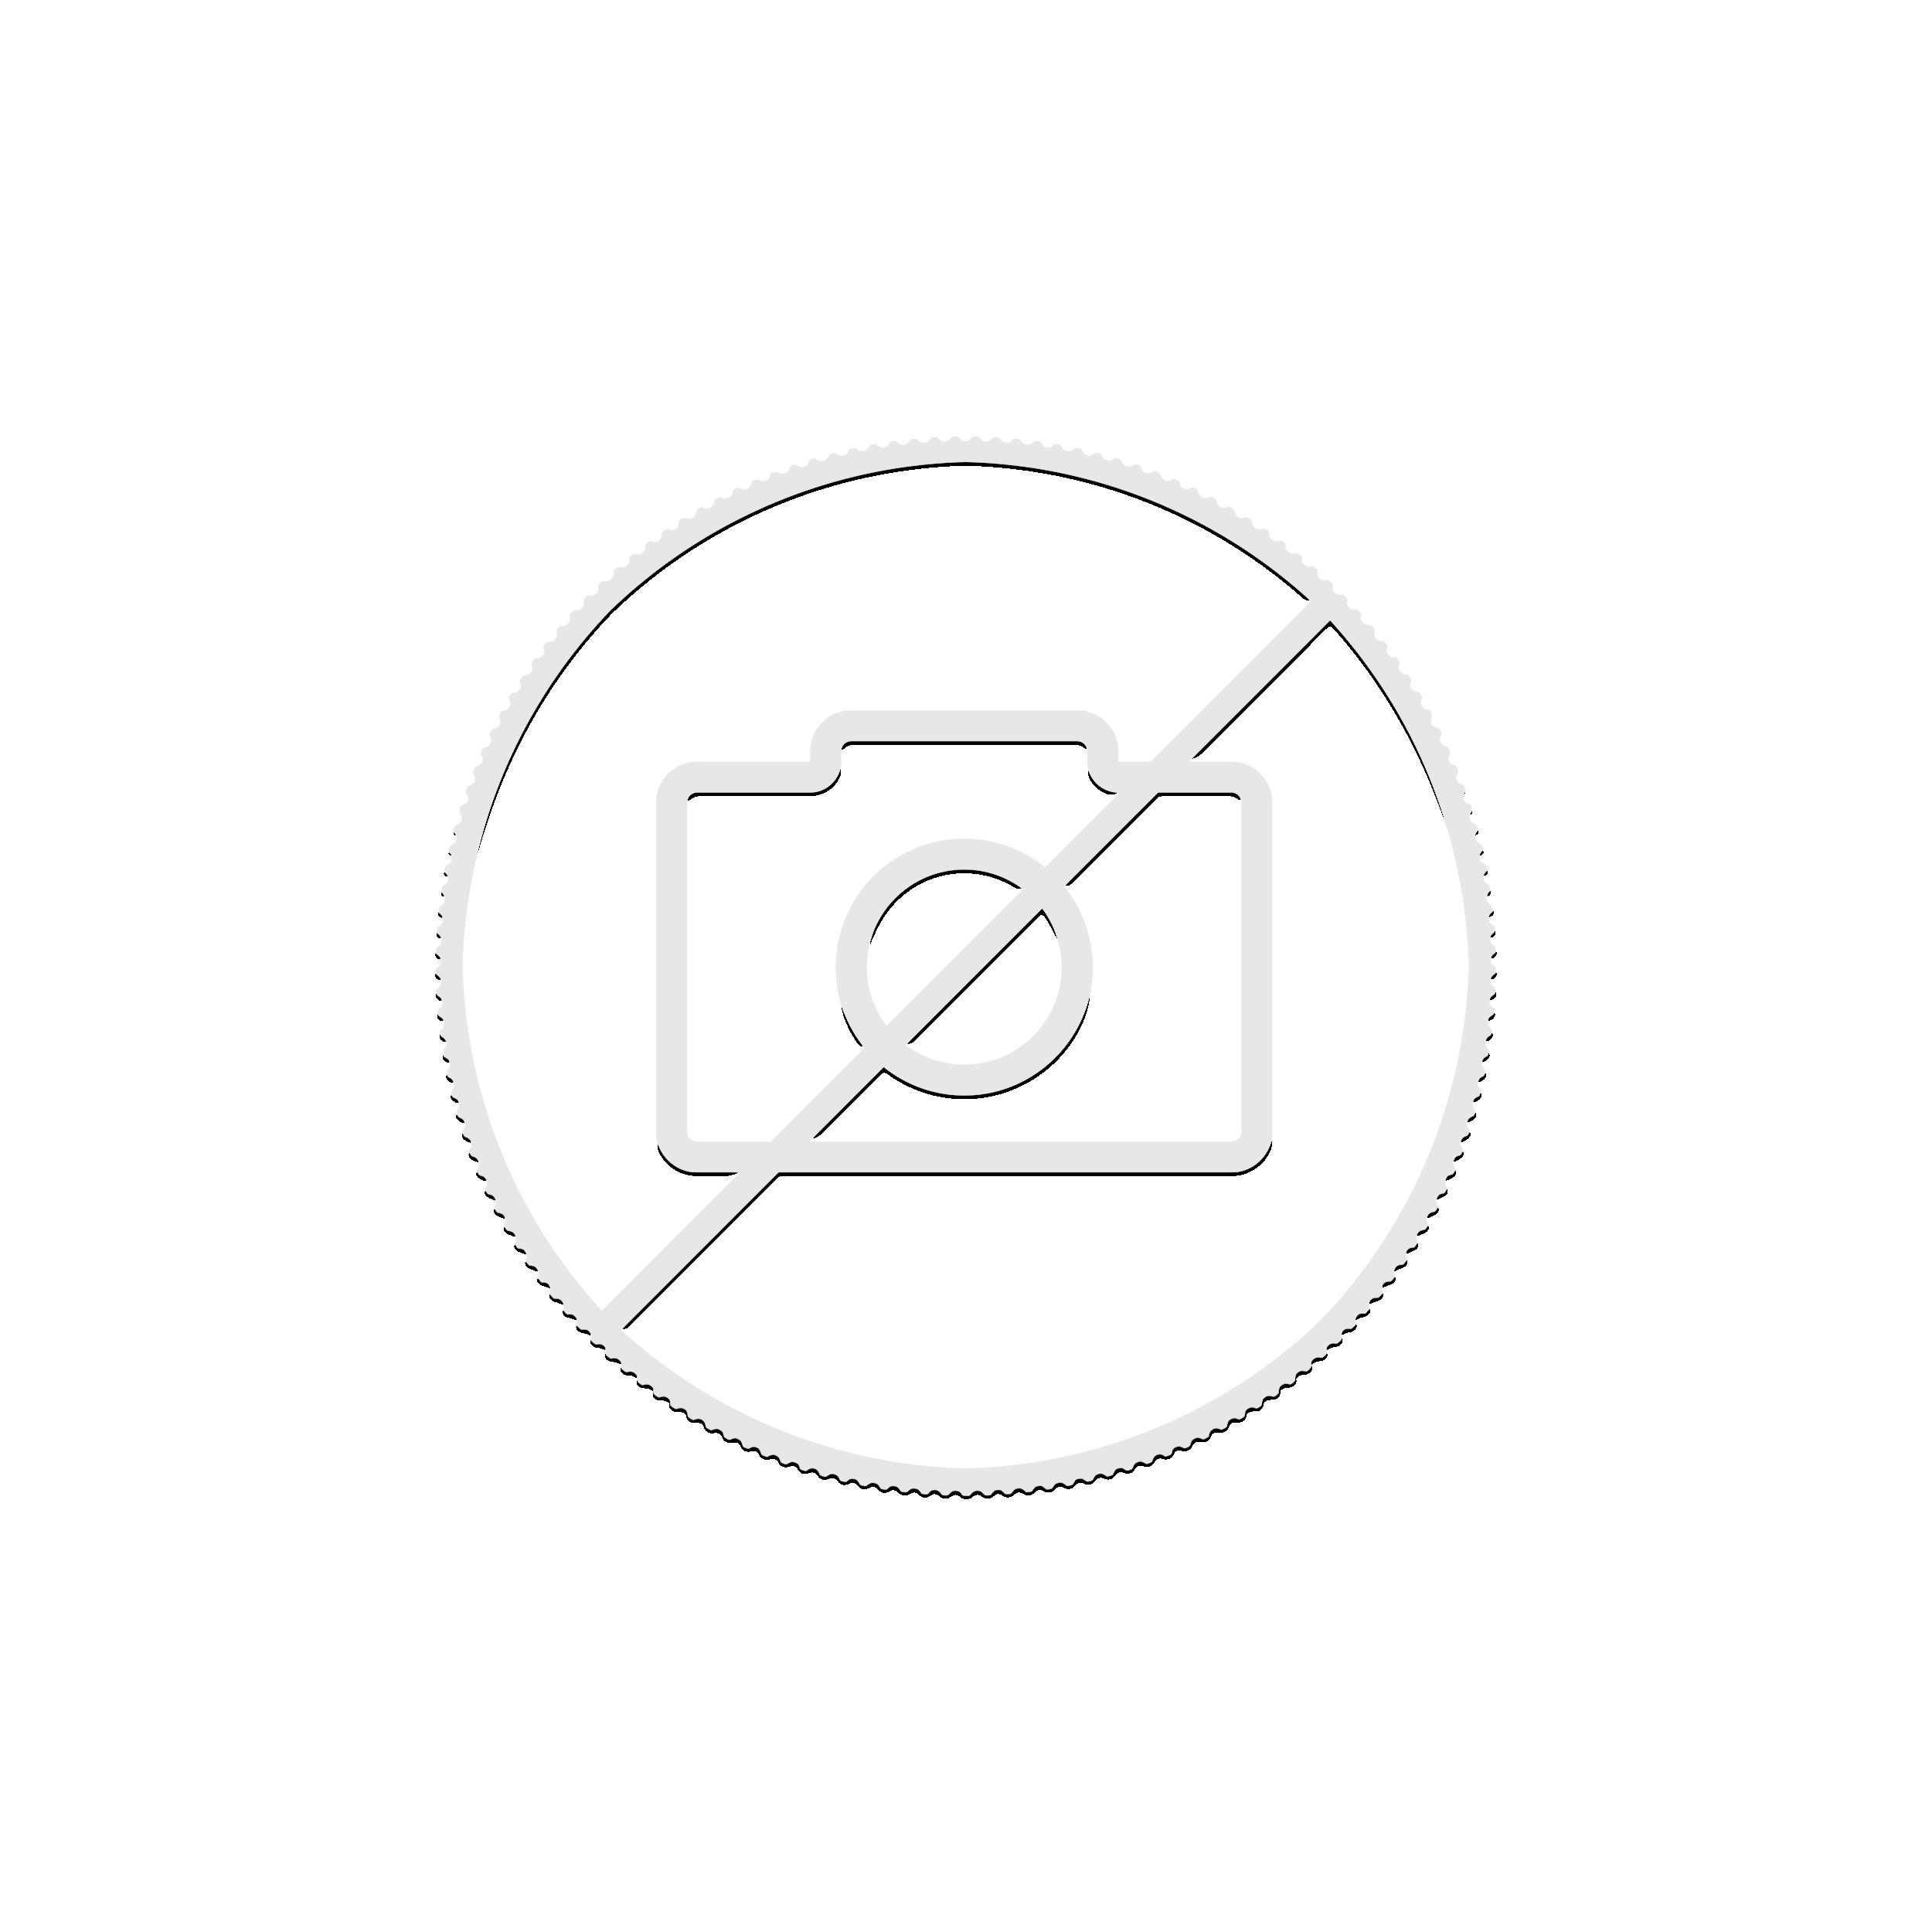 5x 1 gram gold CombiBar